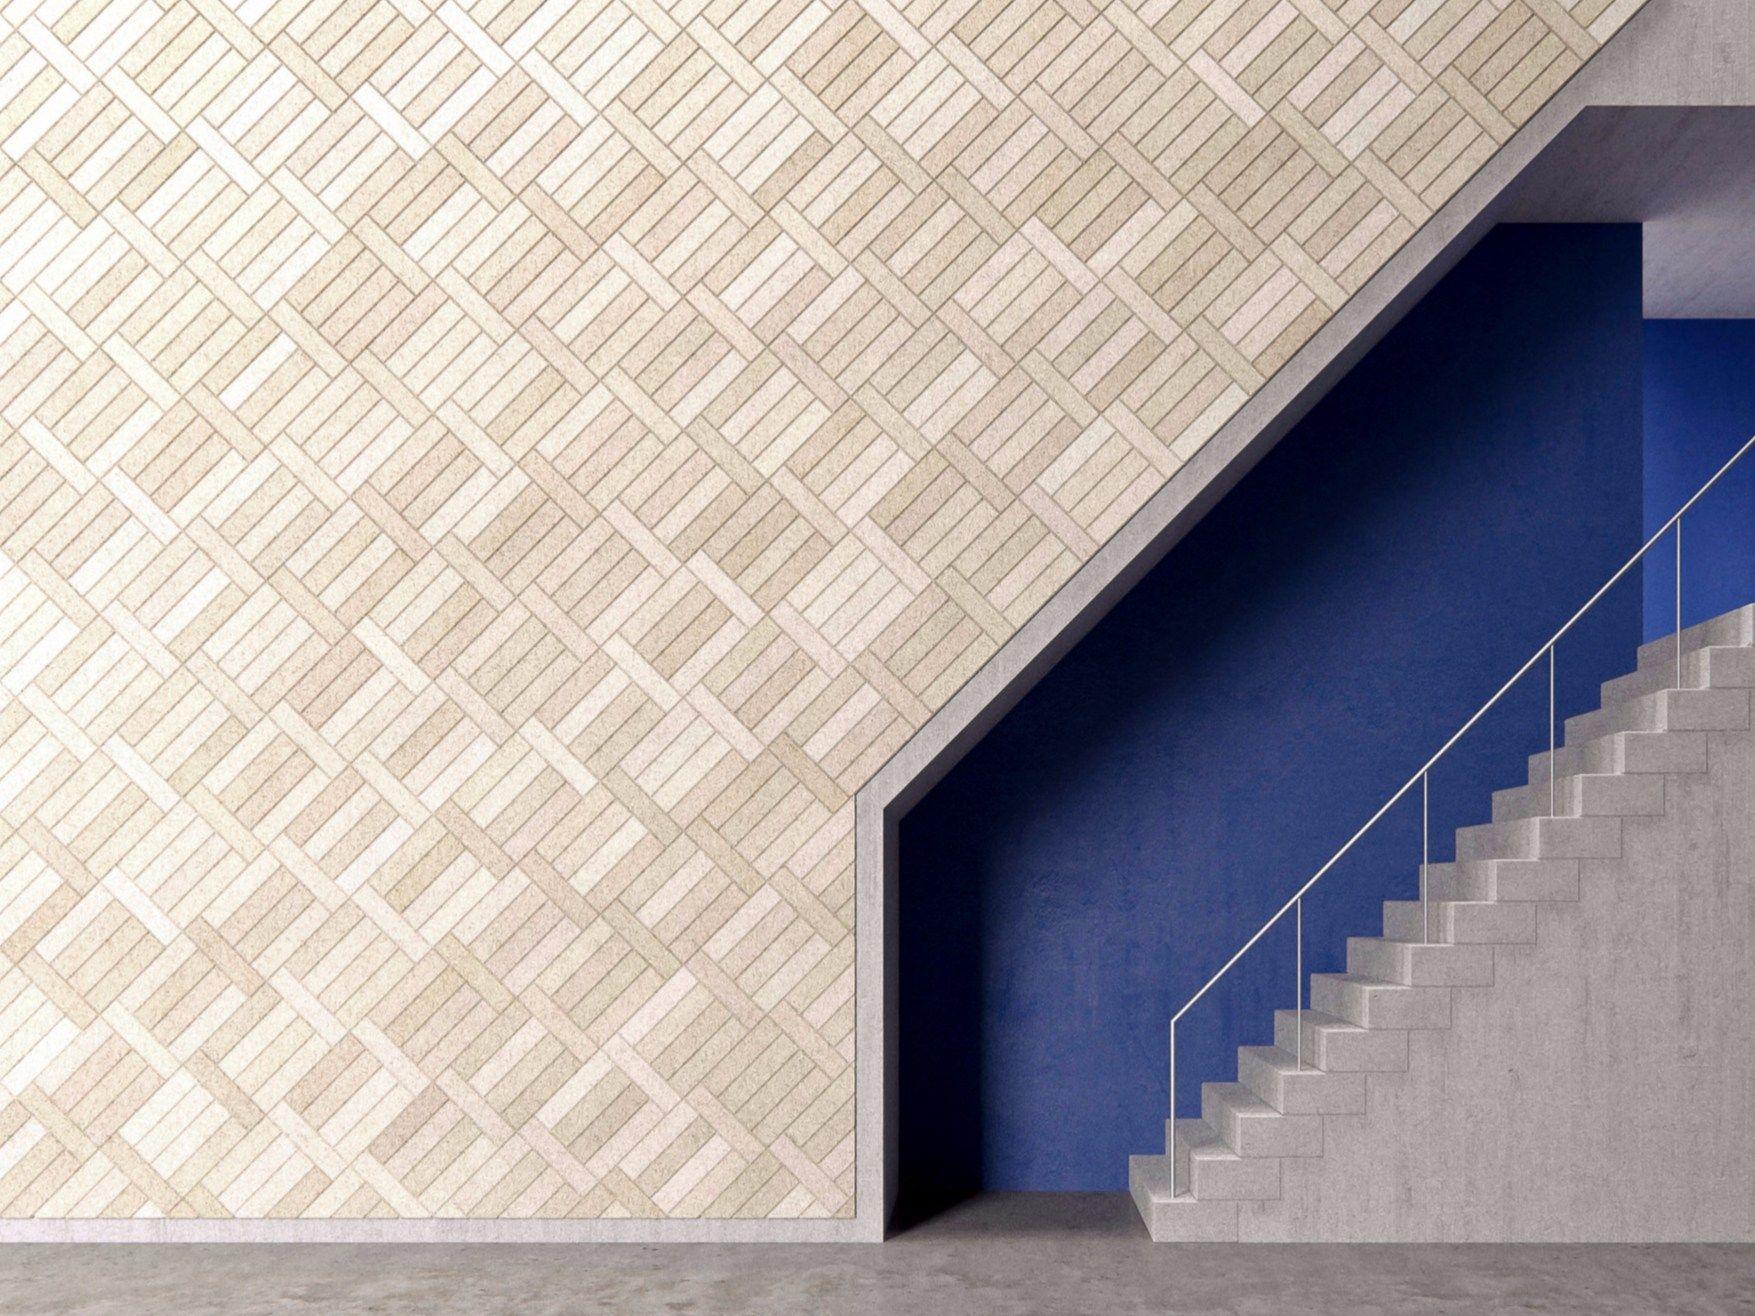 Pannelli decorativi acustici baux acoustic tile plank by baux ...